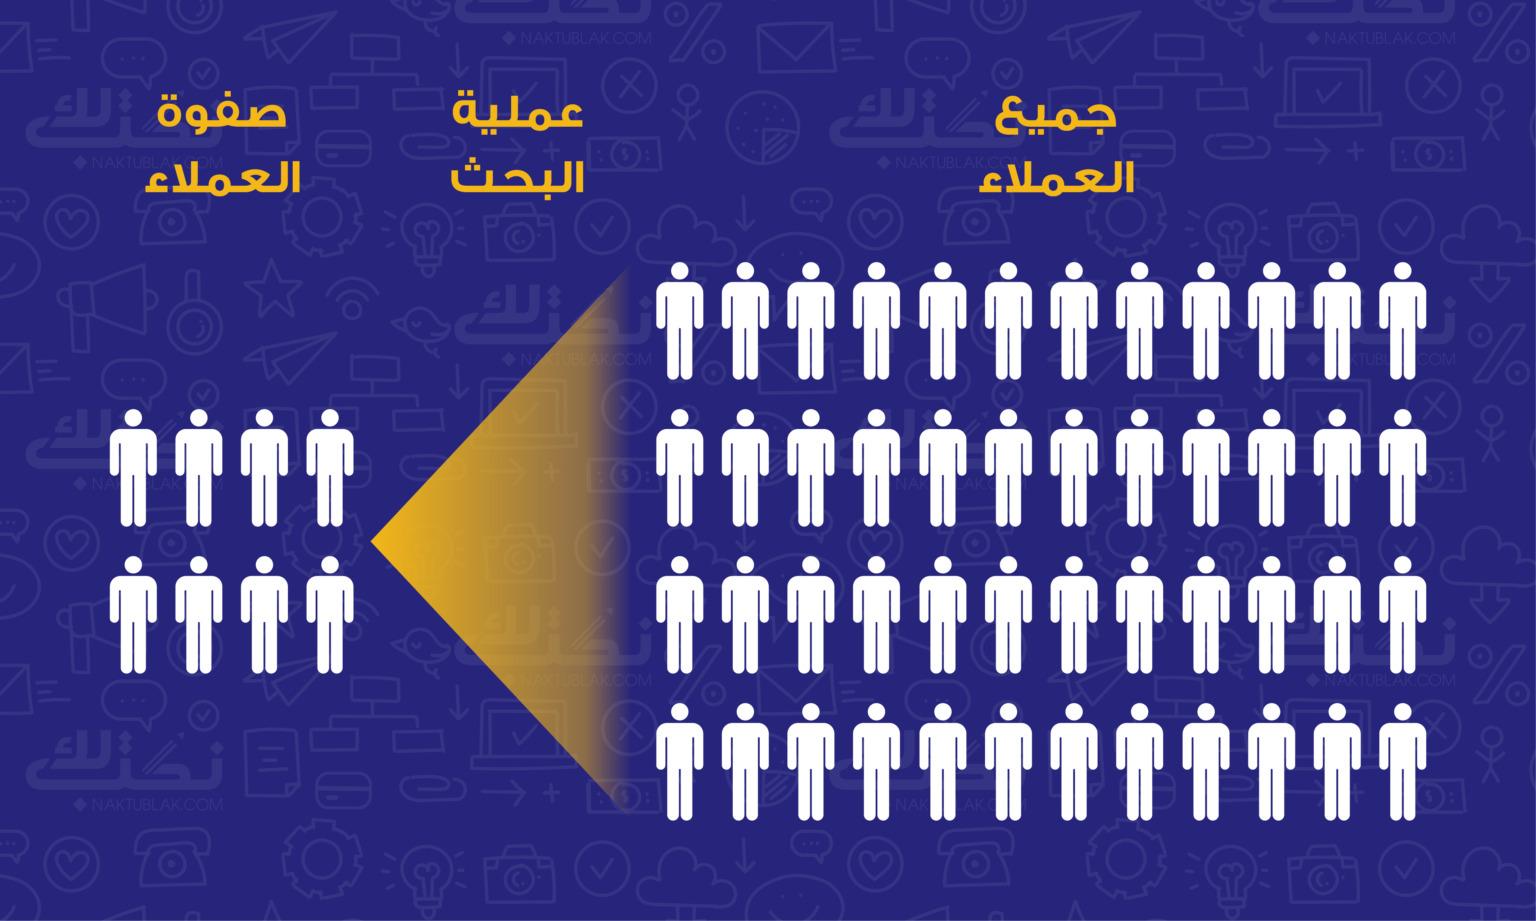 ثانيًا: من هم أفضل العملاء في الشركة؟